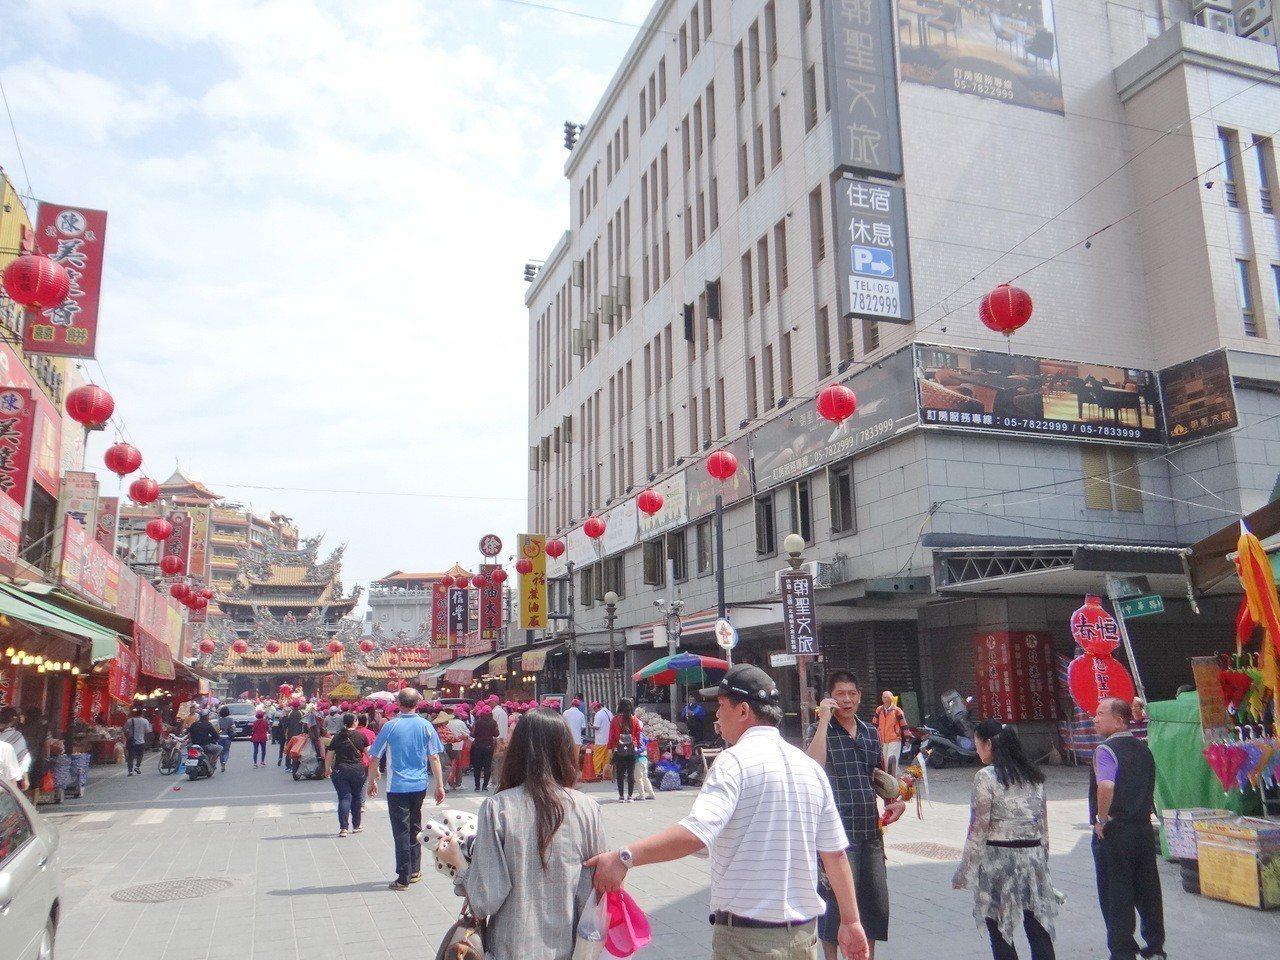 全國最大蚊子館北港中央市場大樓 活化成商旅變亮點